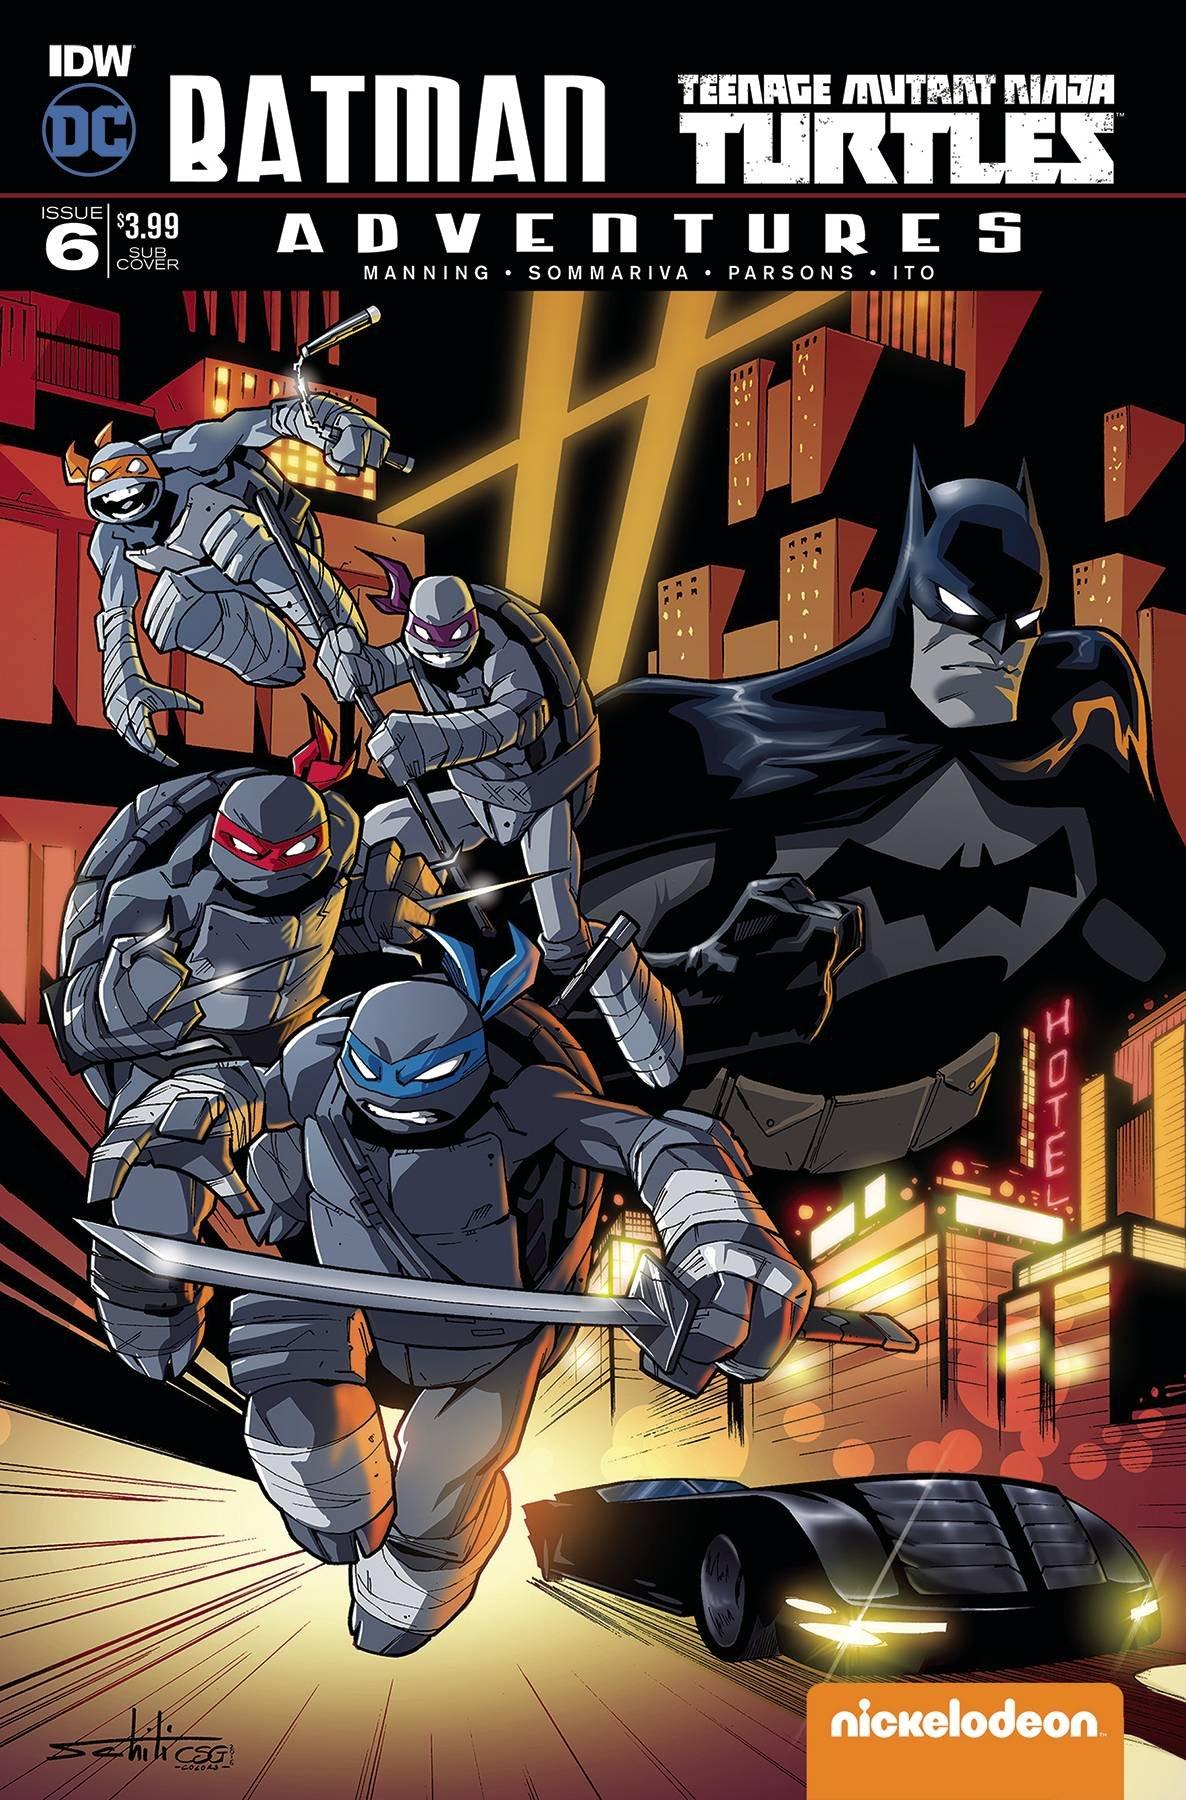 BATMAN TEENAGE MUTANT NINJA TURTLES ADVENTURES #6 (OF 6 ...